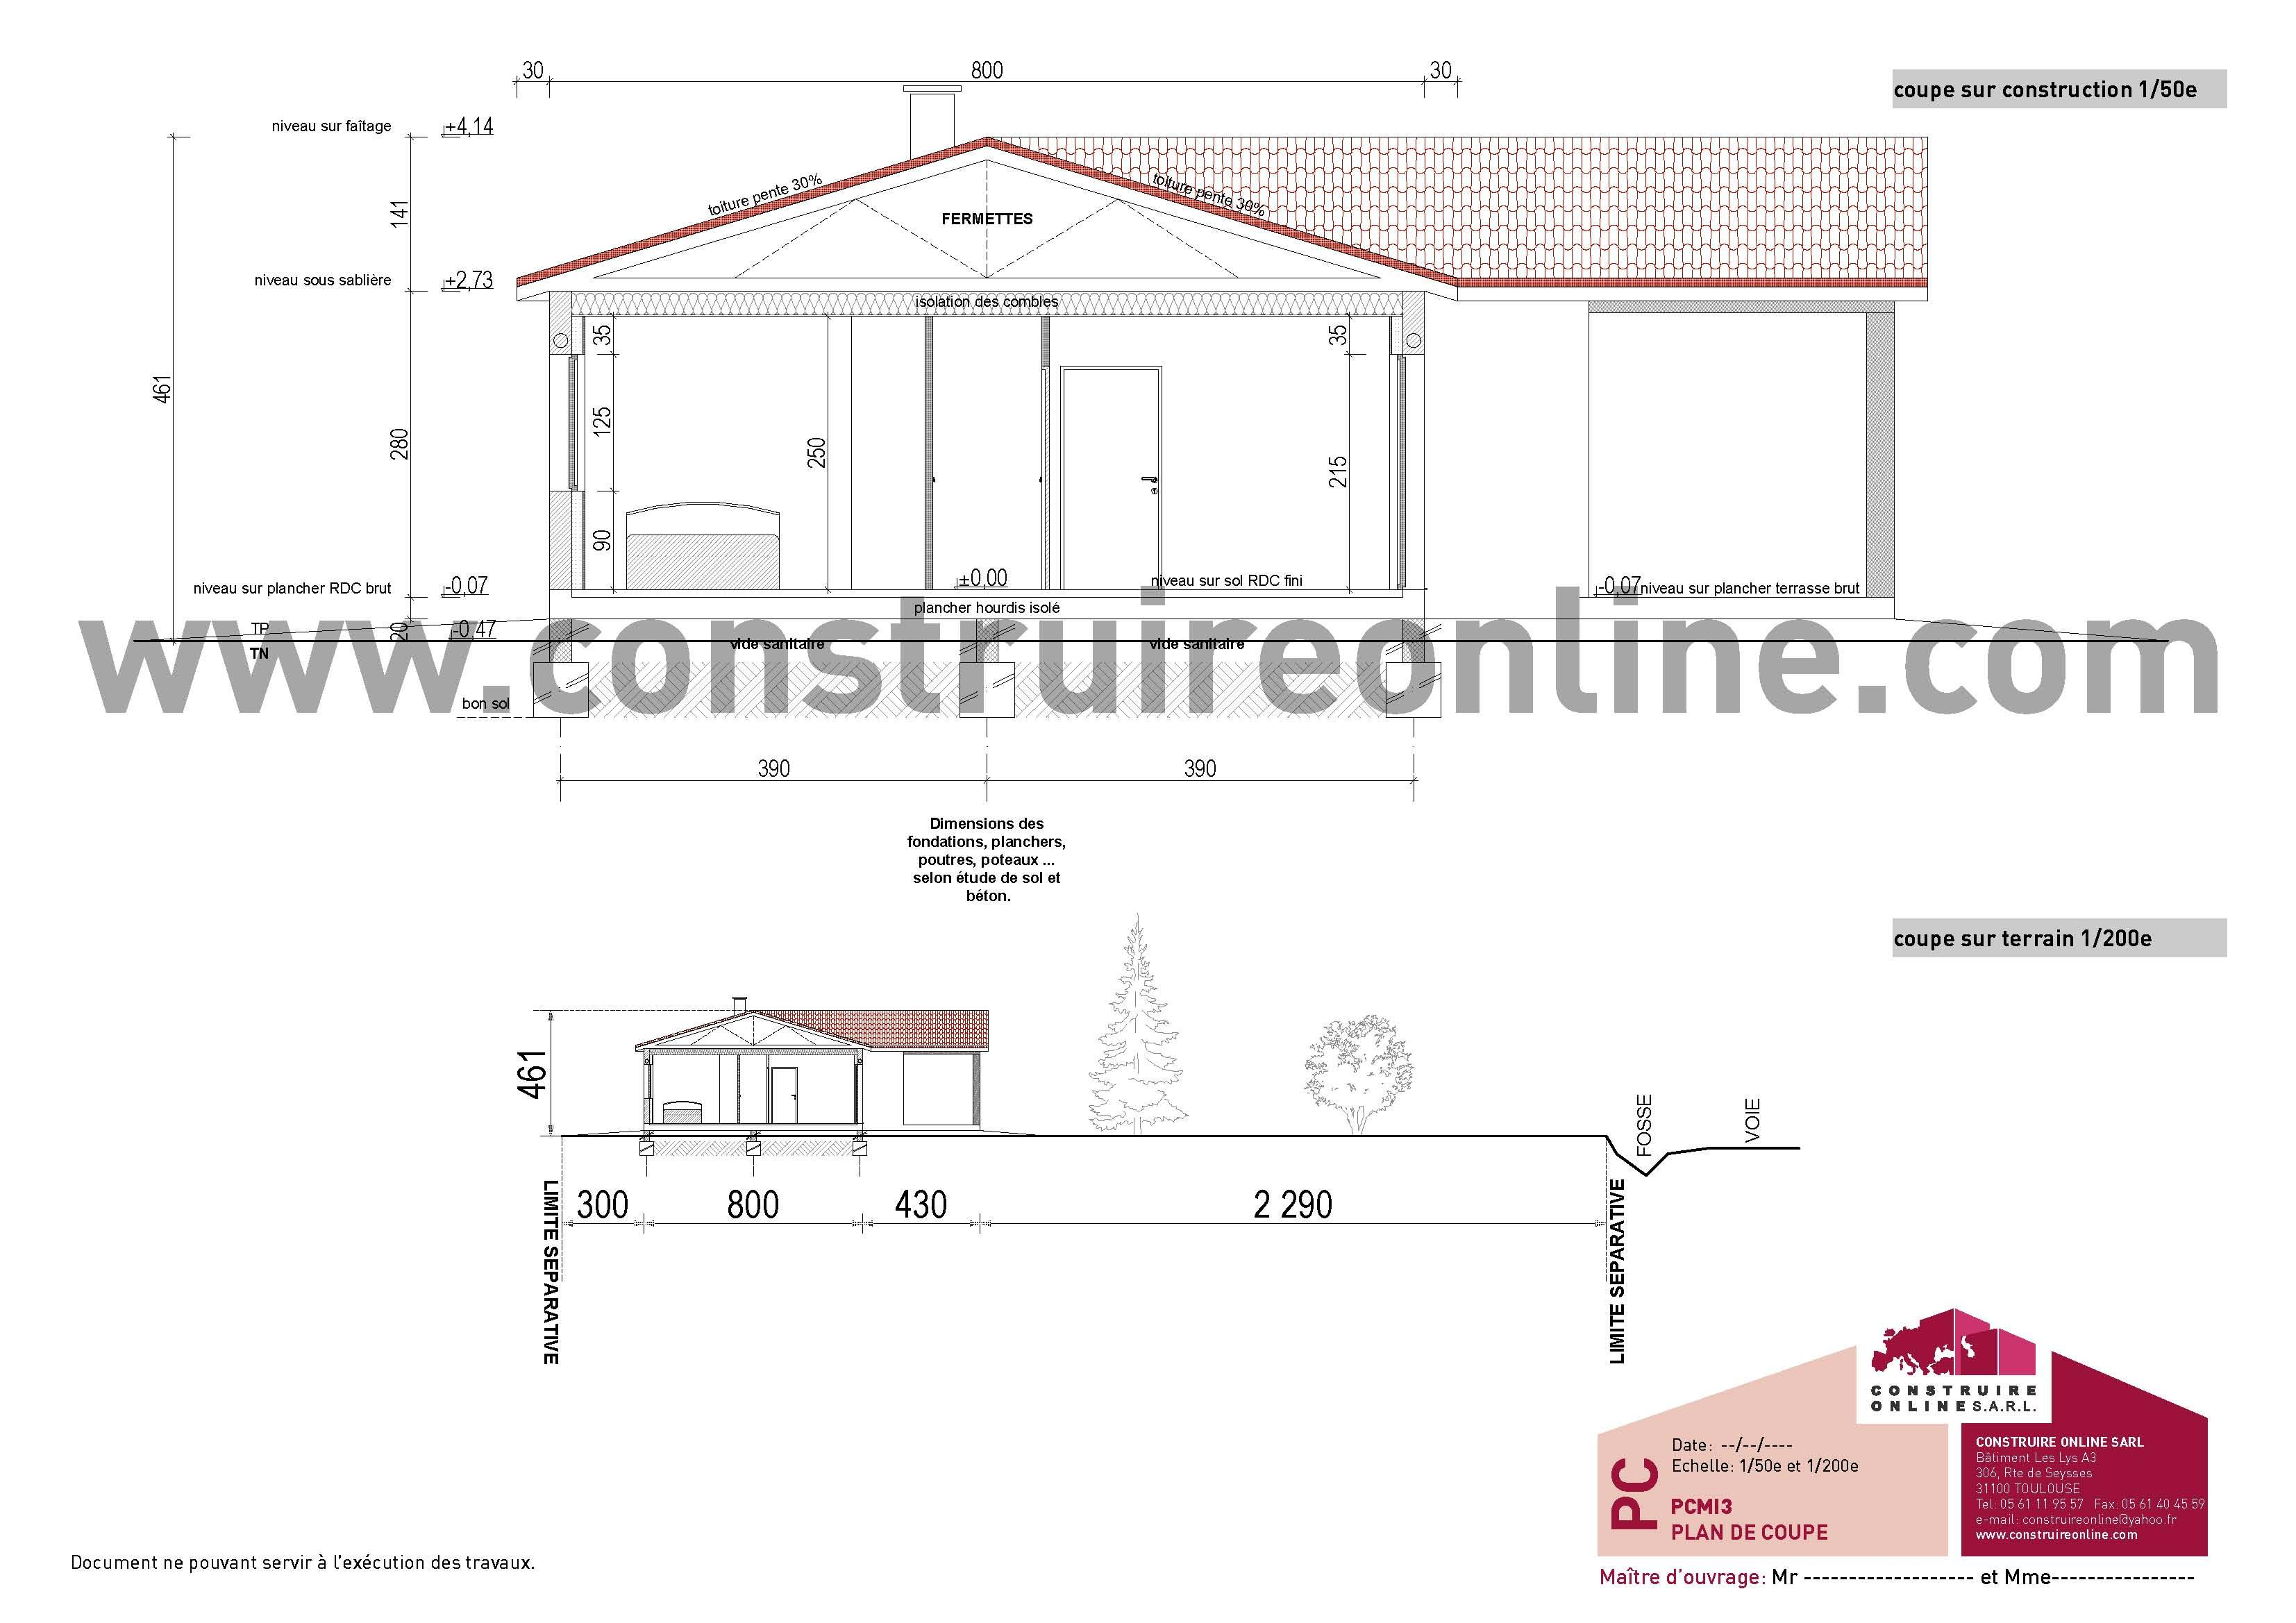 Pi ce pcmi3 permis de construire de maison individuelle paperblog - Plan en coupe permis de construire ...